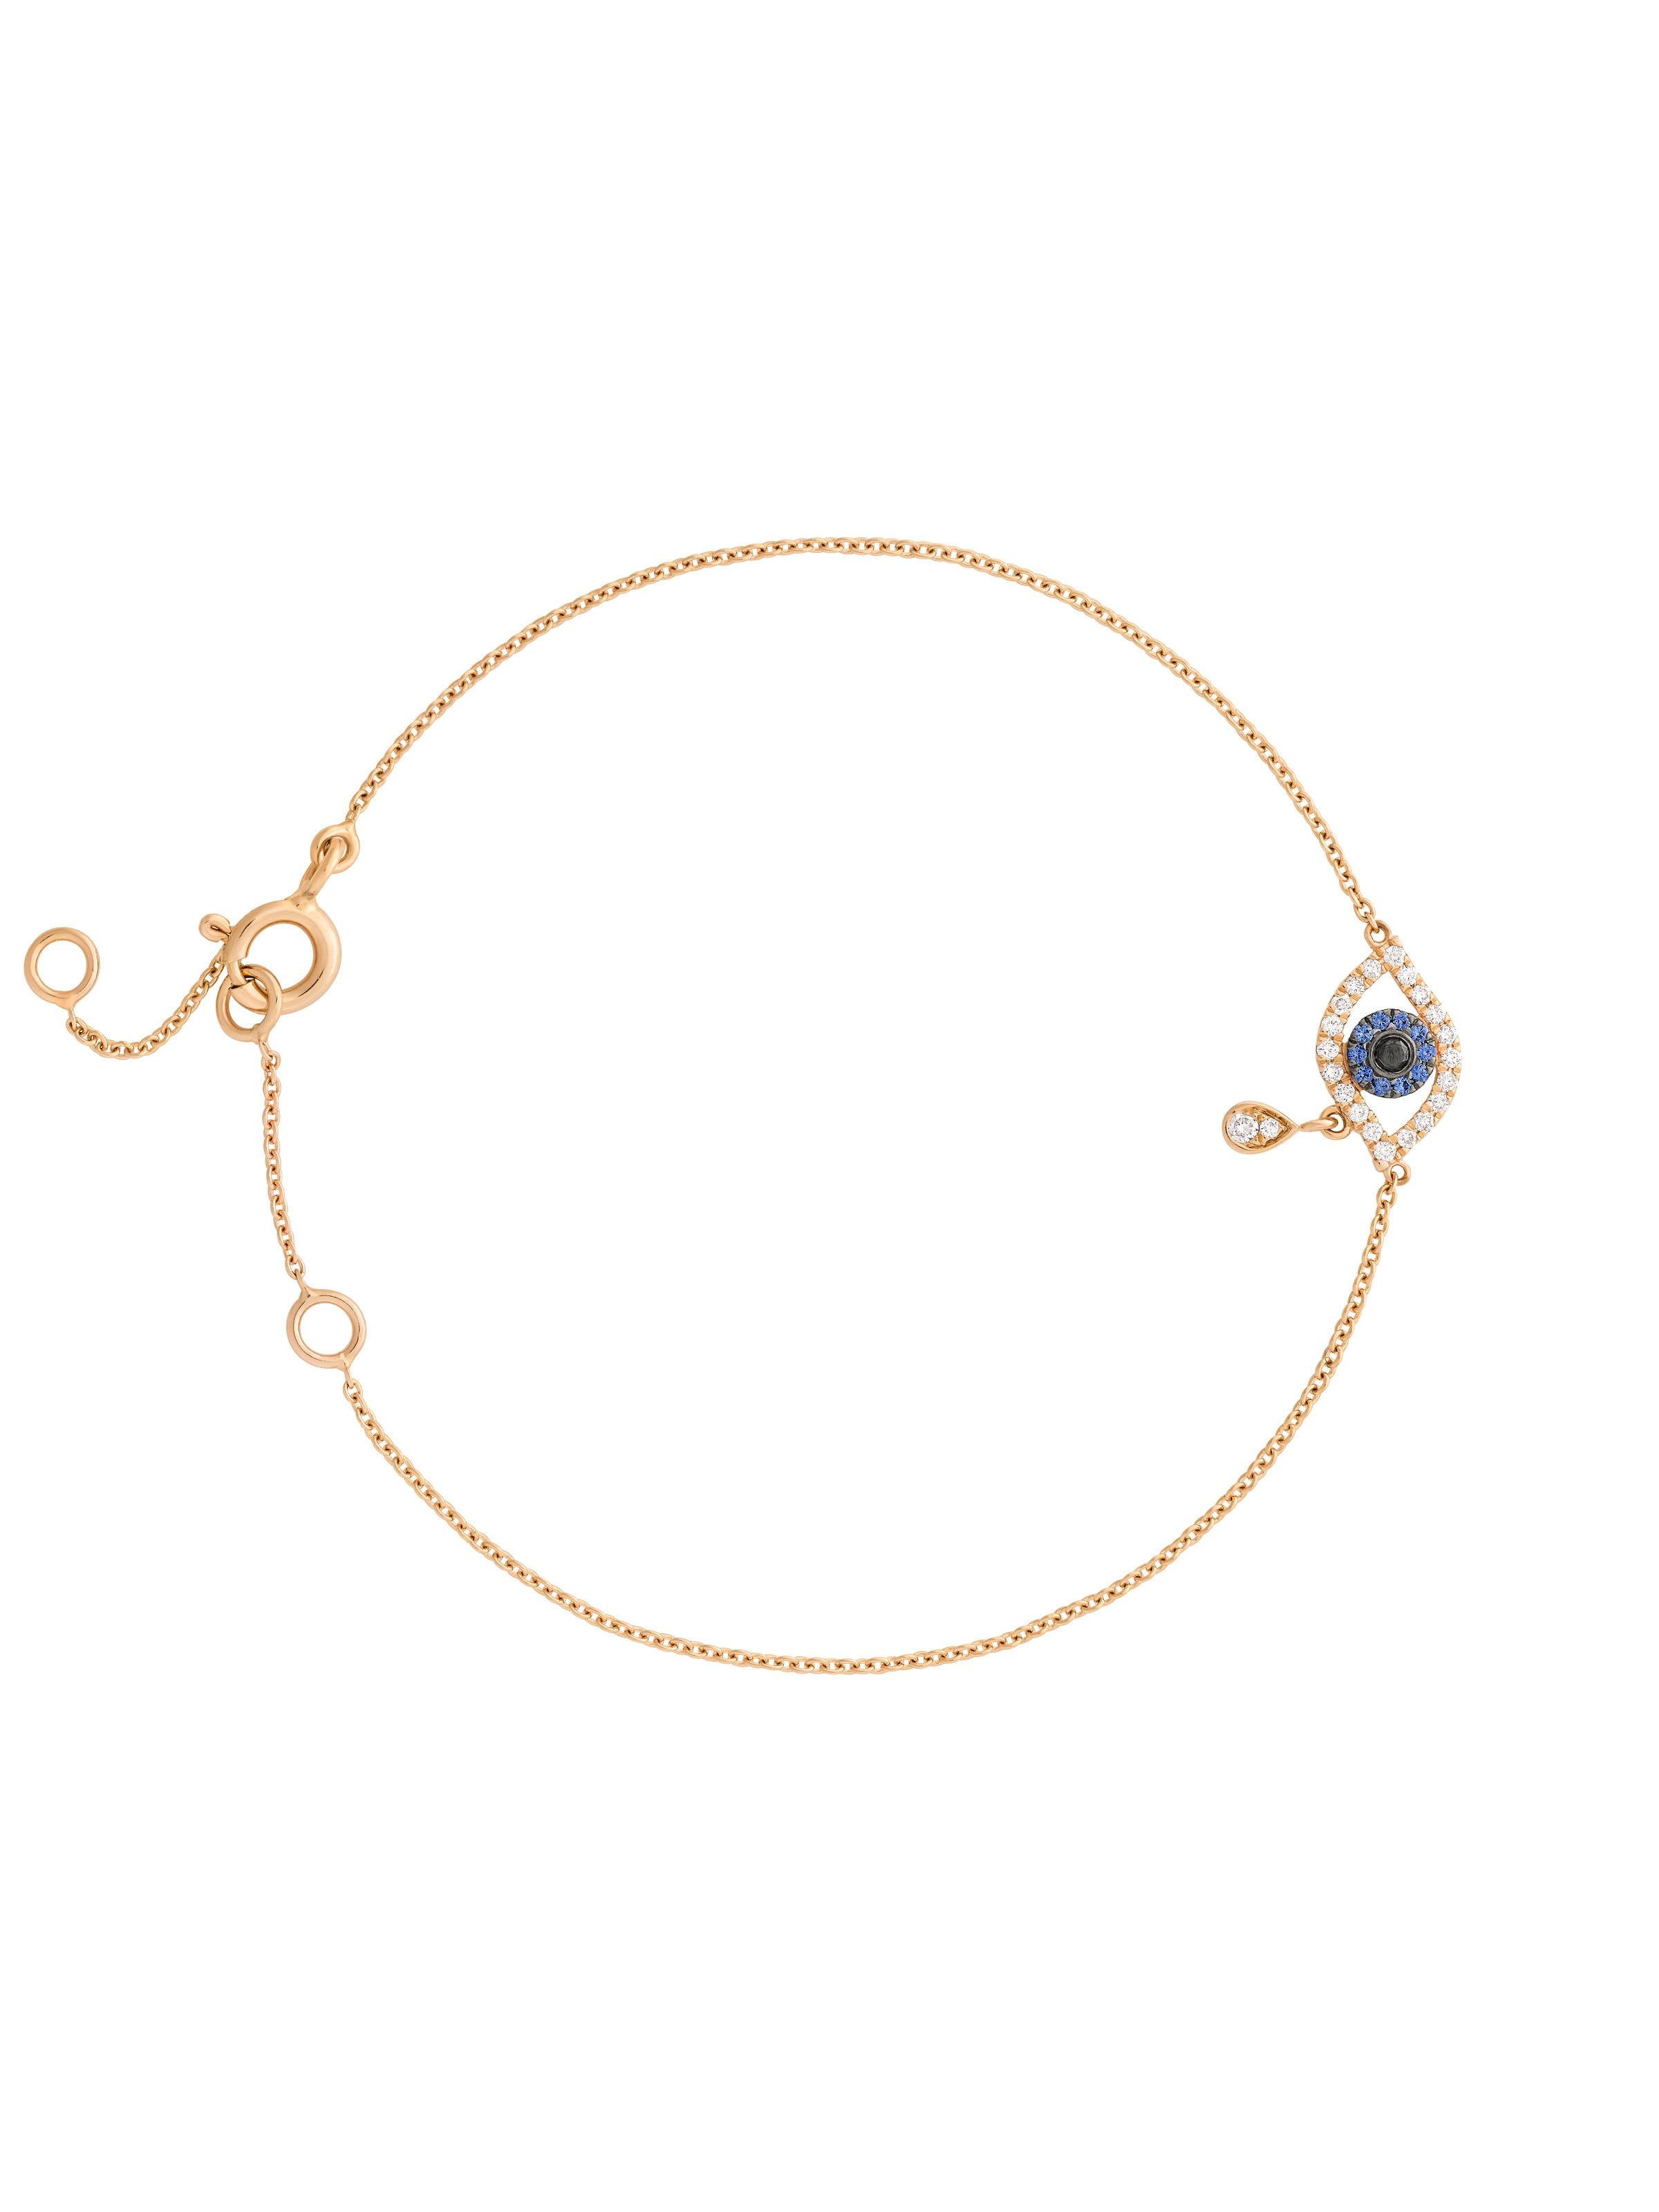 Minimalism eye bracelet